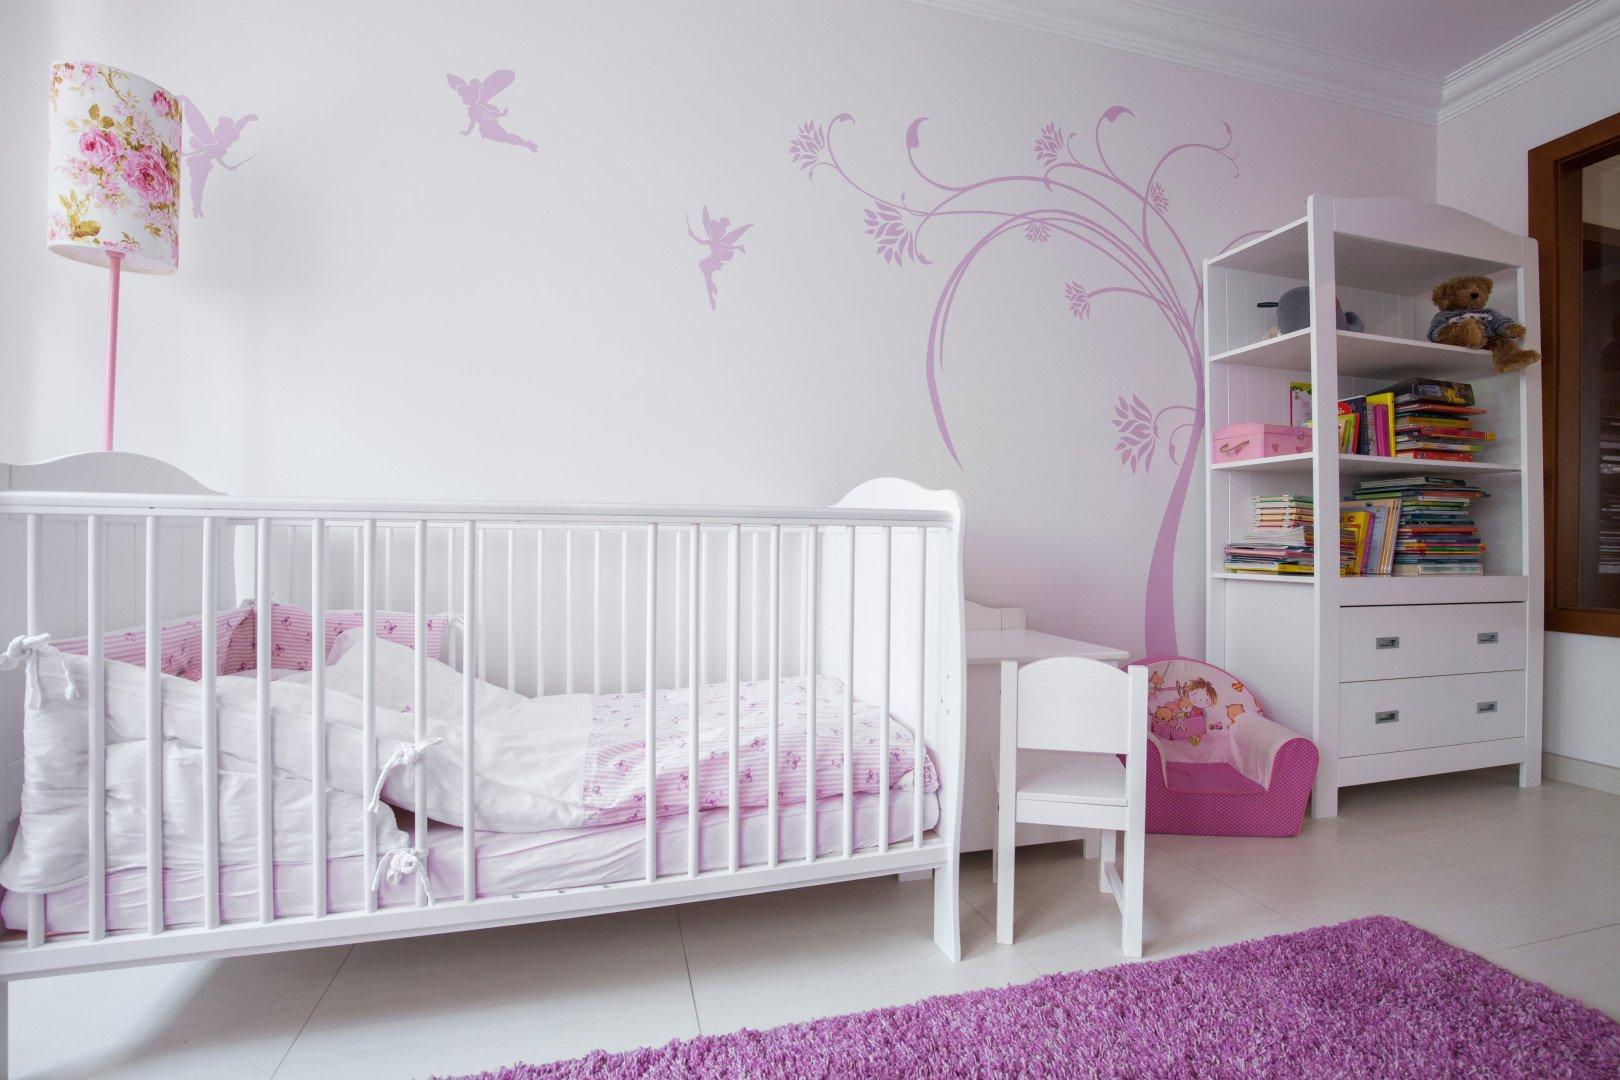 Full Size of Kinderzimmer Einrichtung Was Sollte Man Beim Einrichten Beachten Zuhause Sofa Regal Weiß Regale Kinderzimmer Kinderzimmer Einrichtung